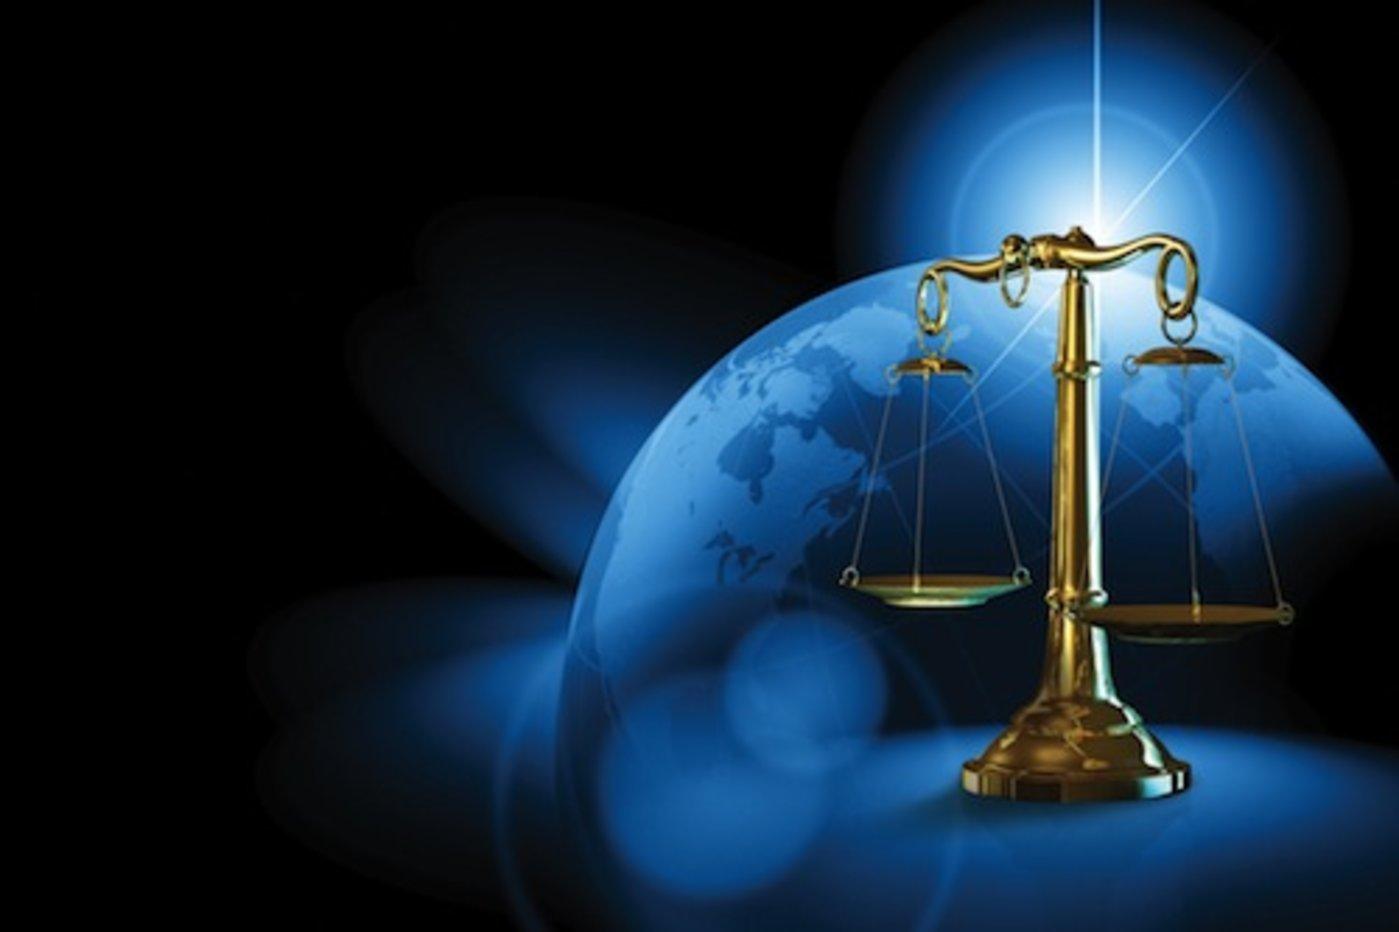 法律创业正当时,看看中美两国有何同与异